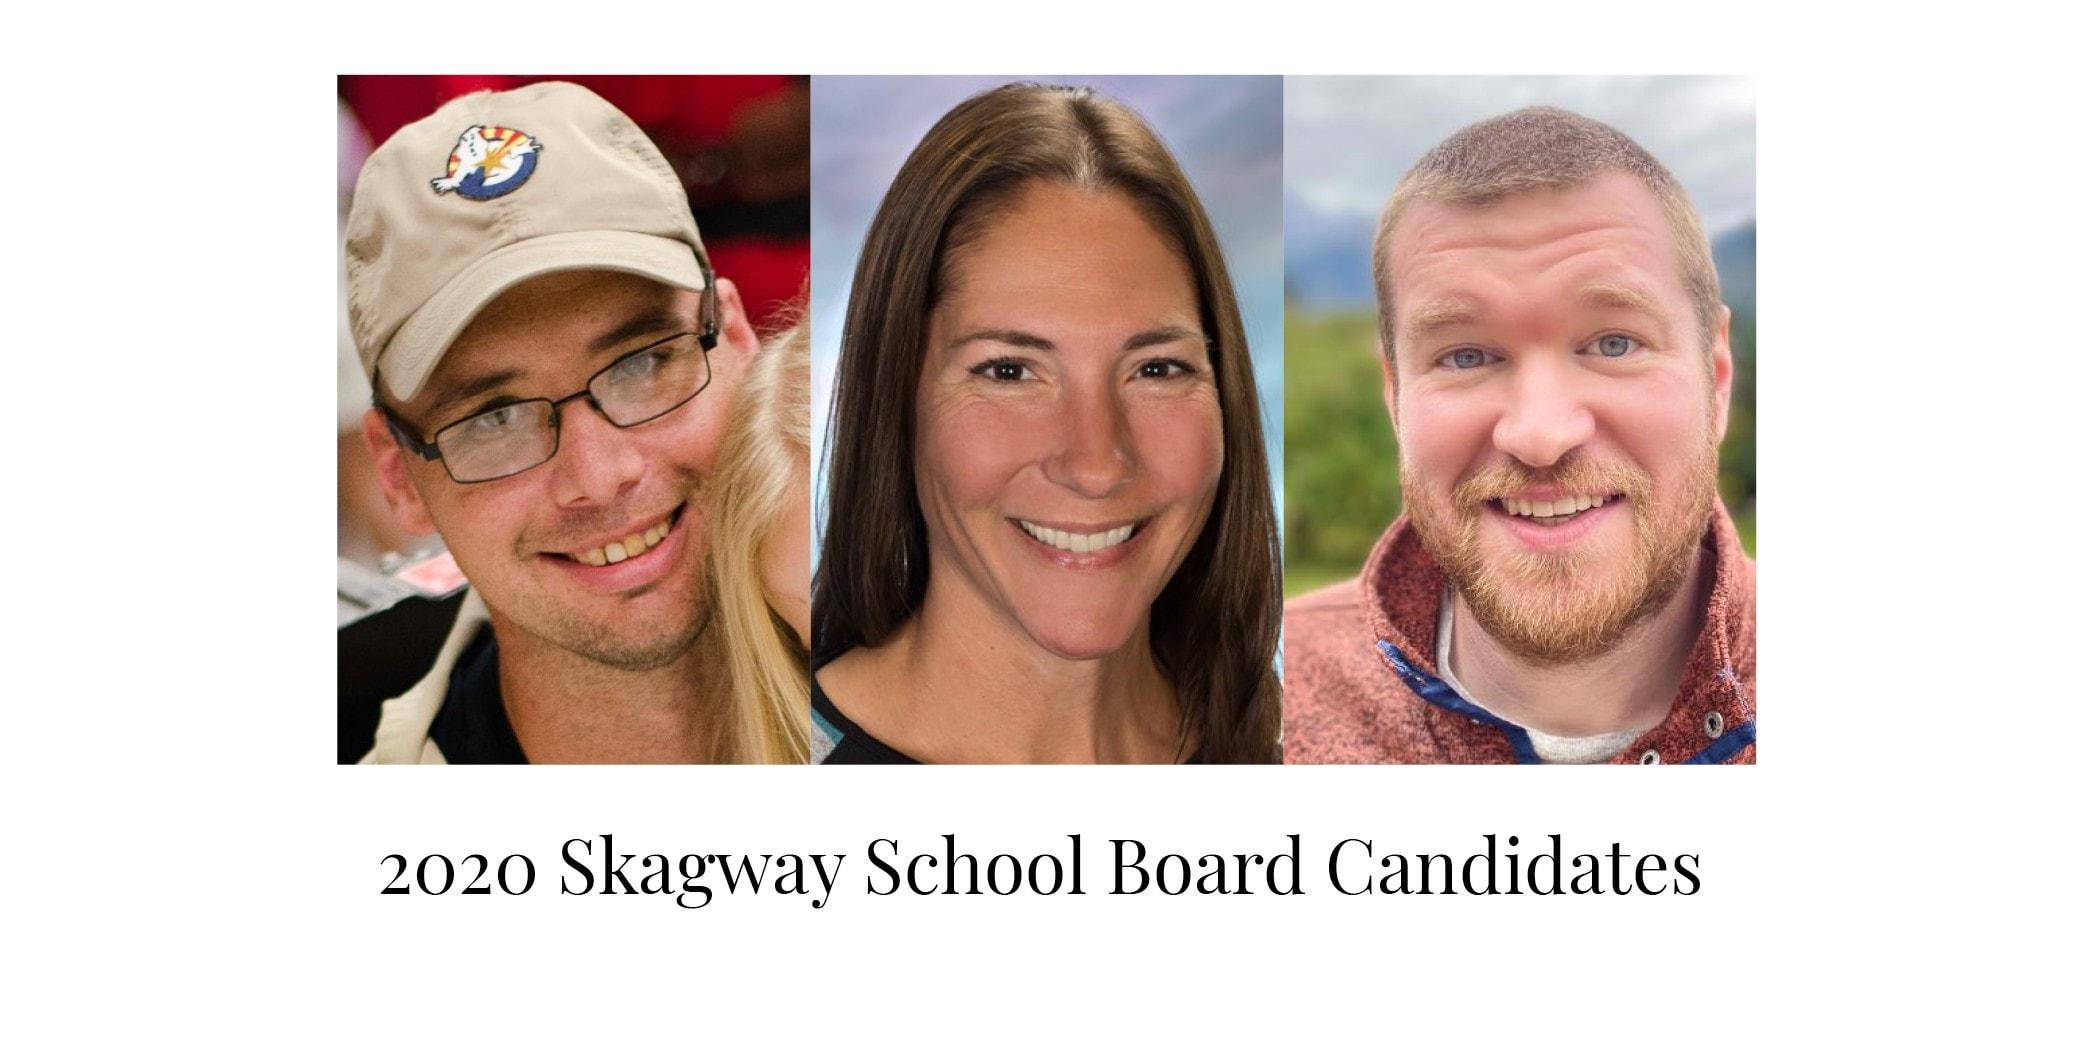 2020 Skagway School Board Candidates